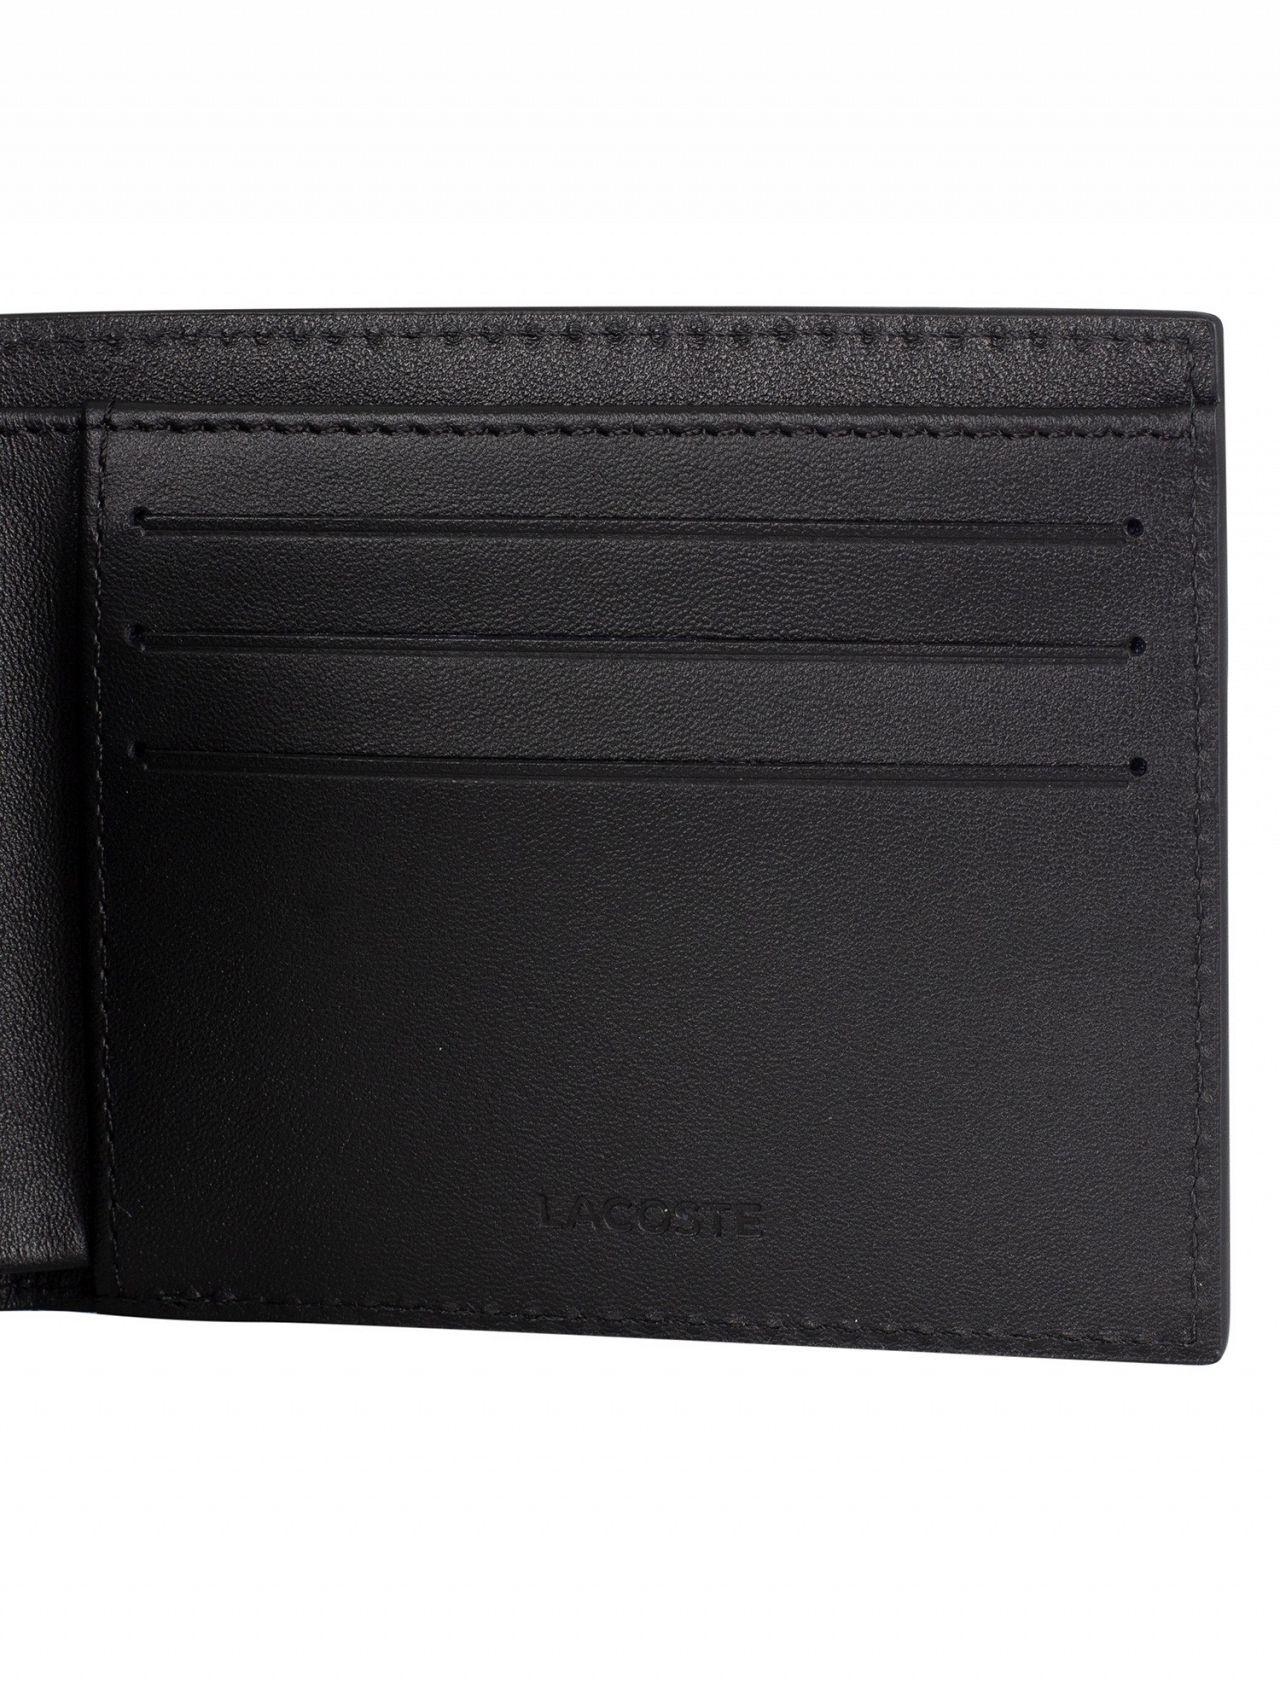 43caba3555de Lacoste Black Billfold Leather Wallet